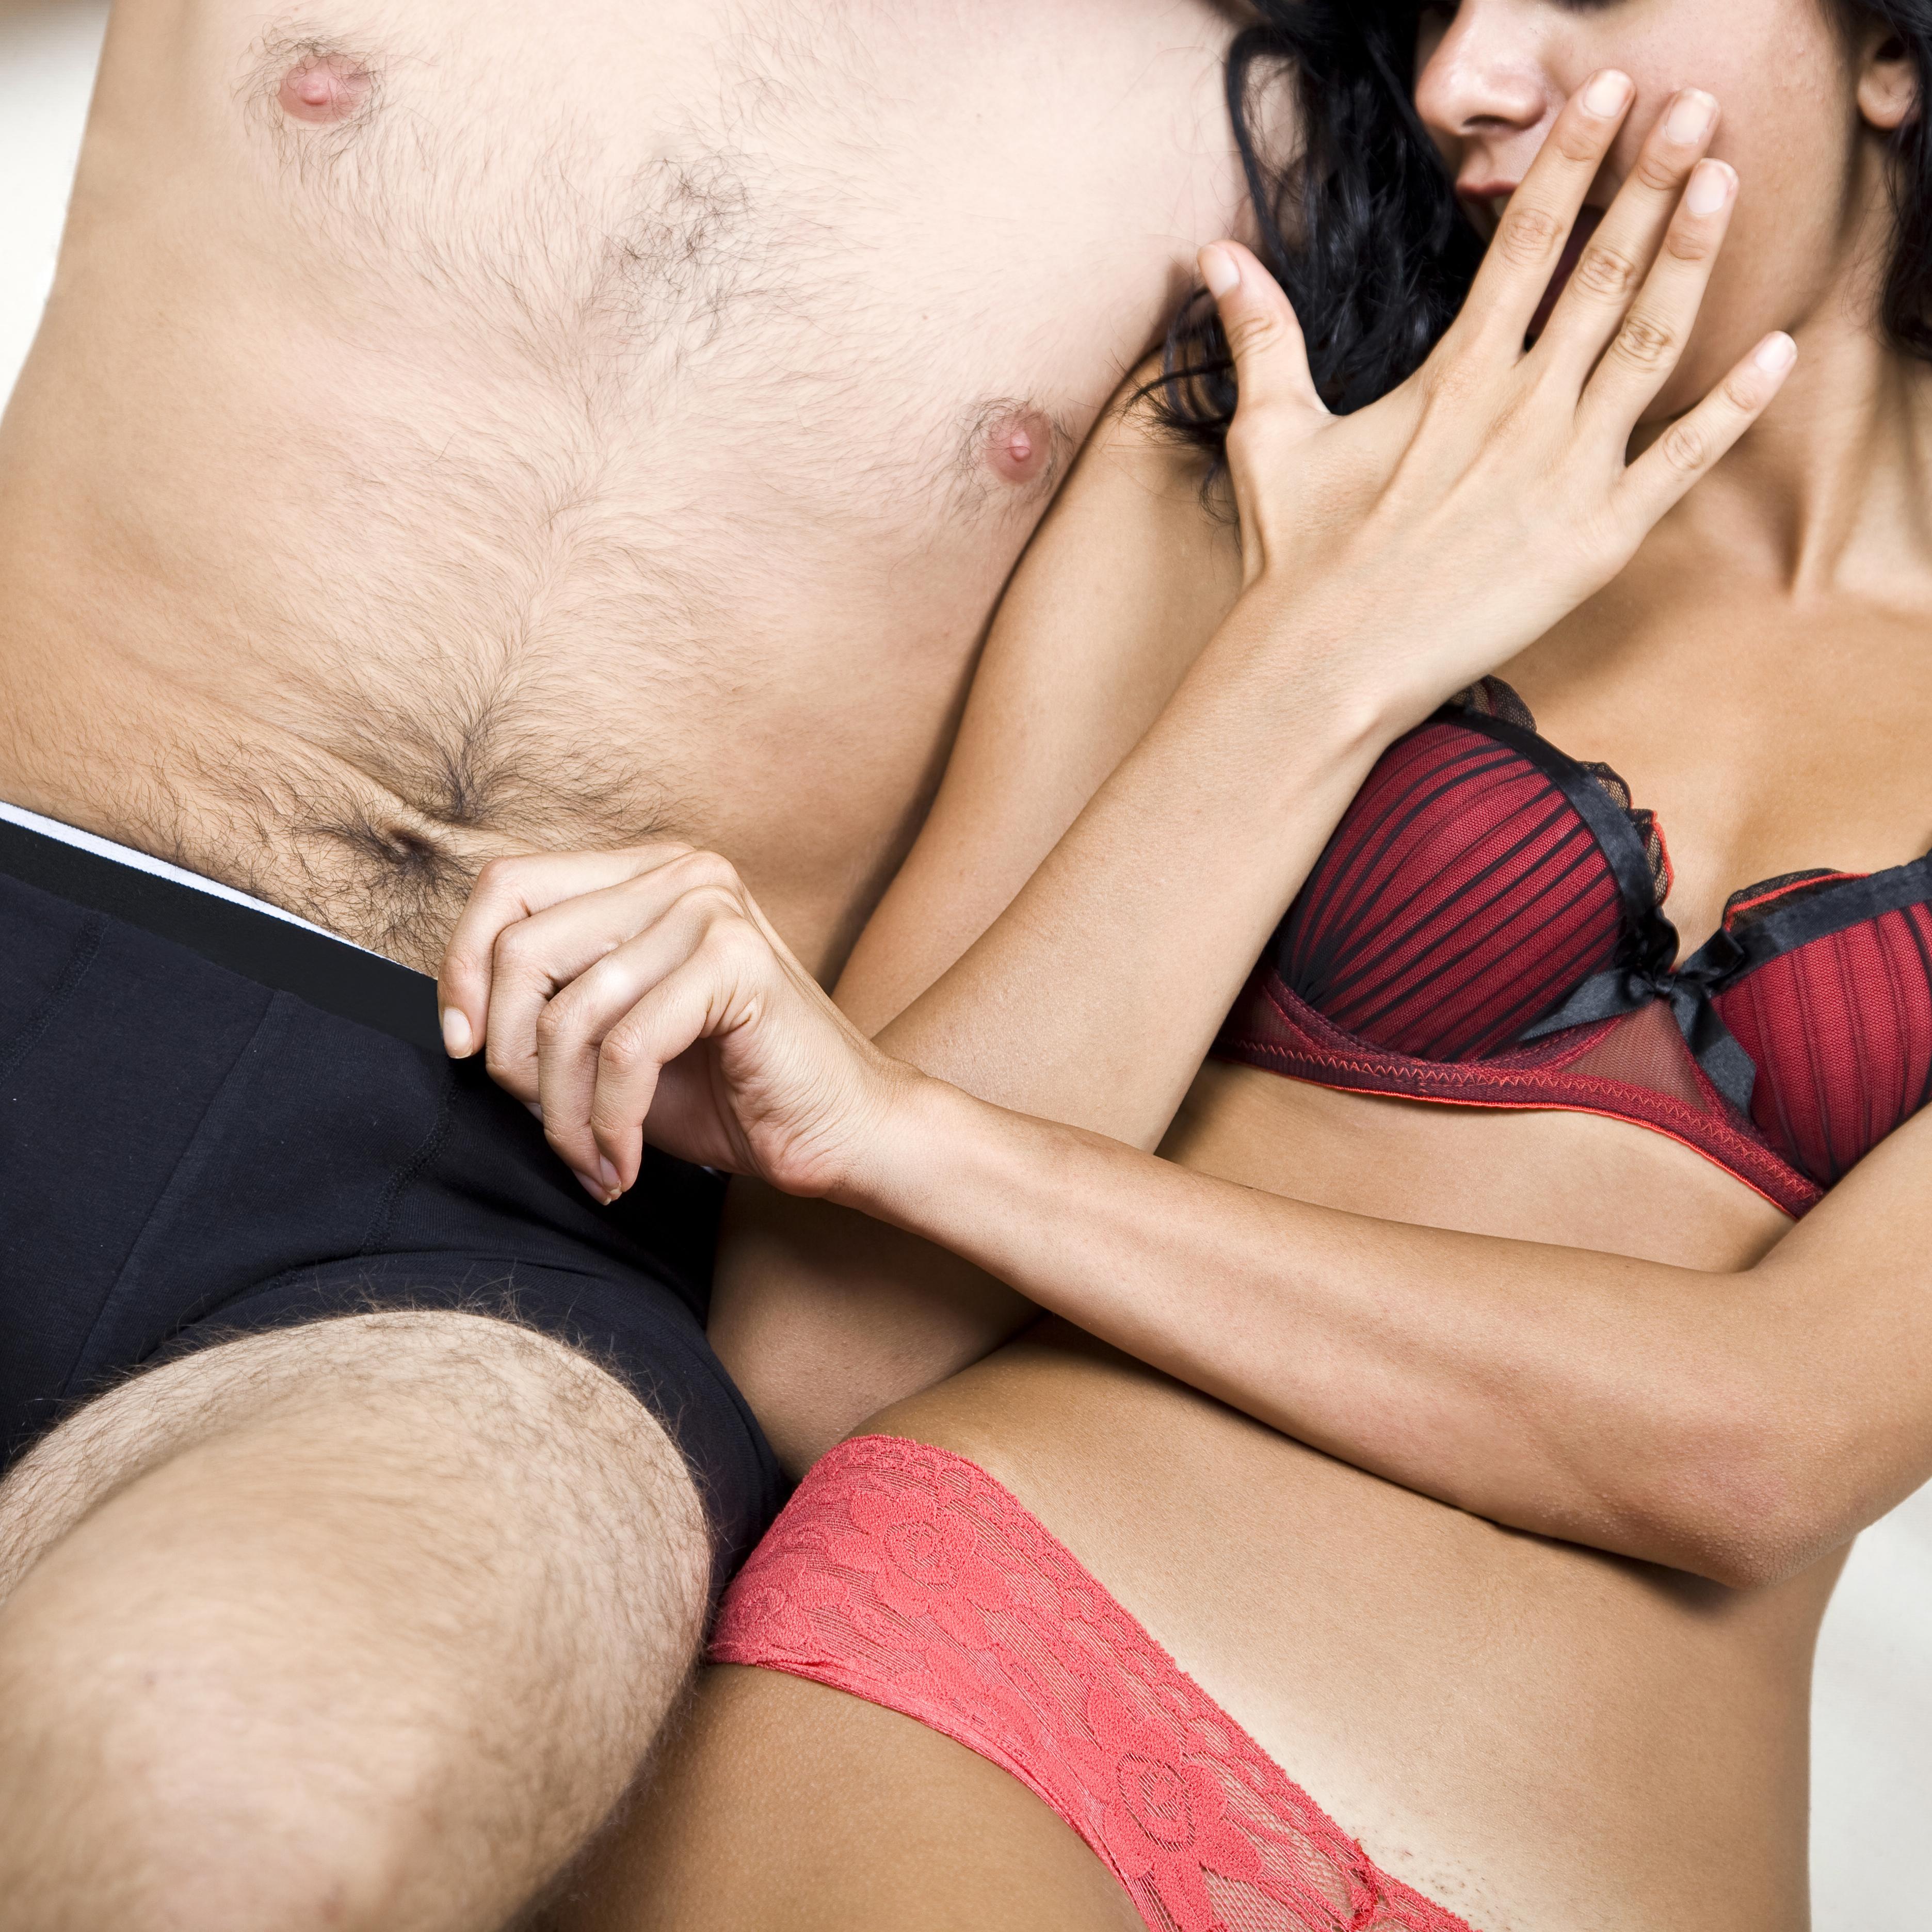 Pene piccolo: 5 posizioni per un orgasmo top